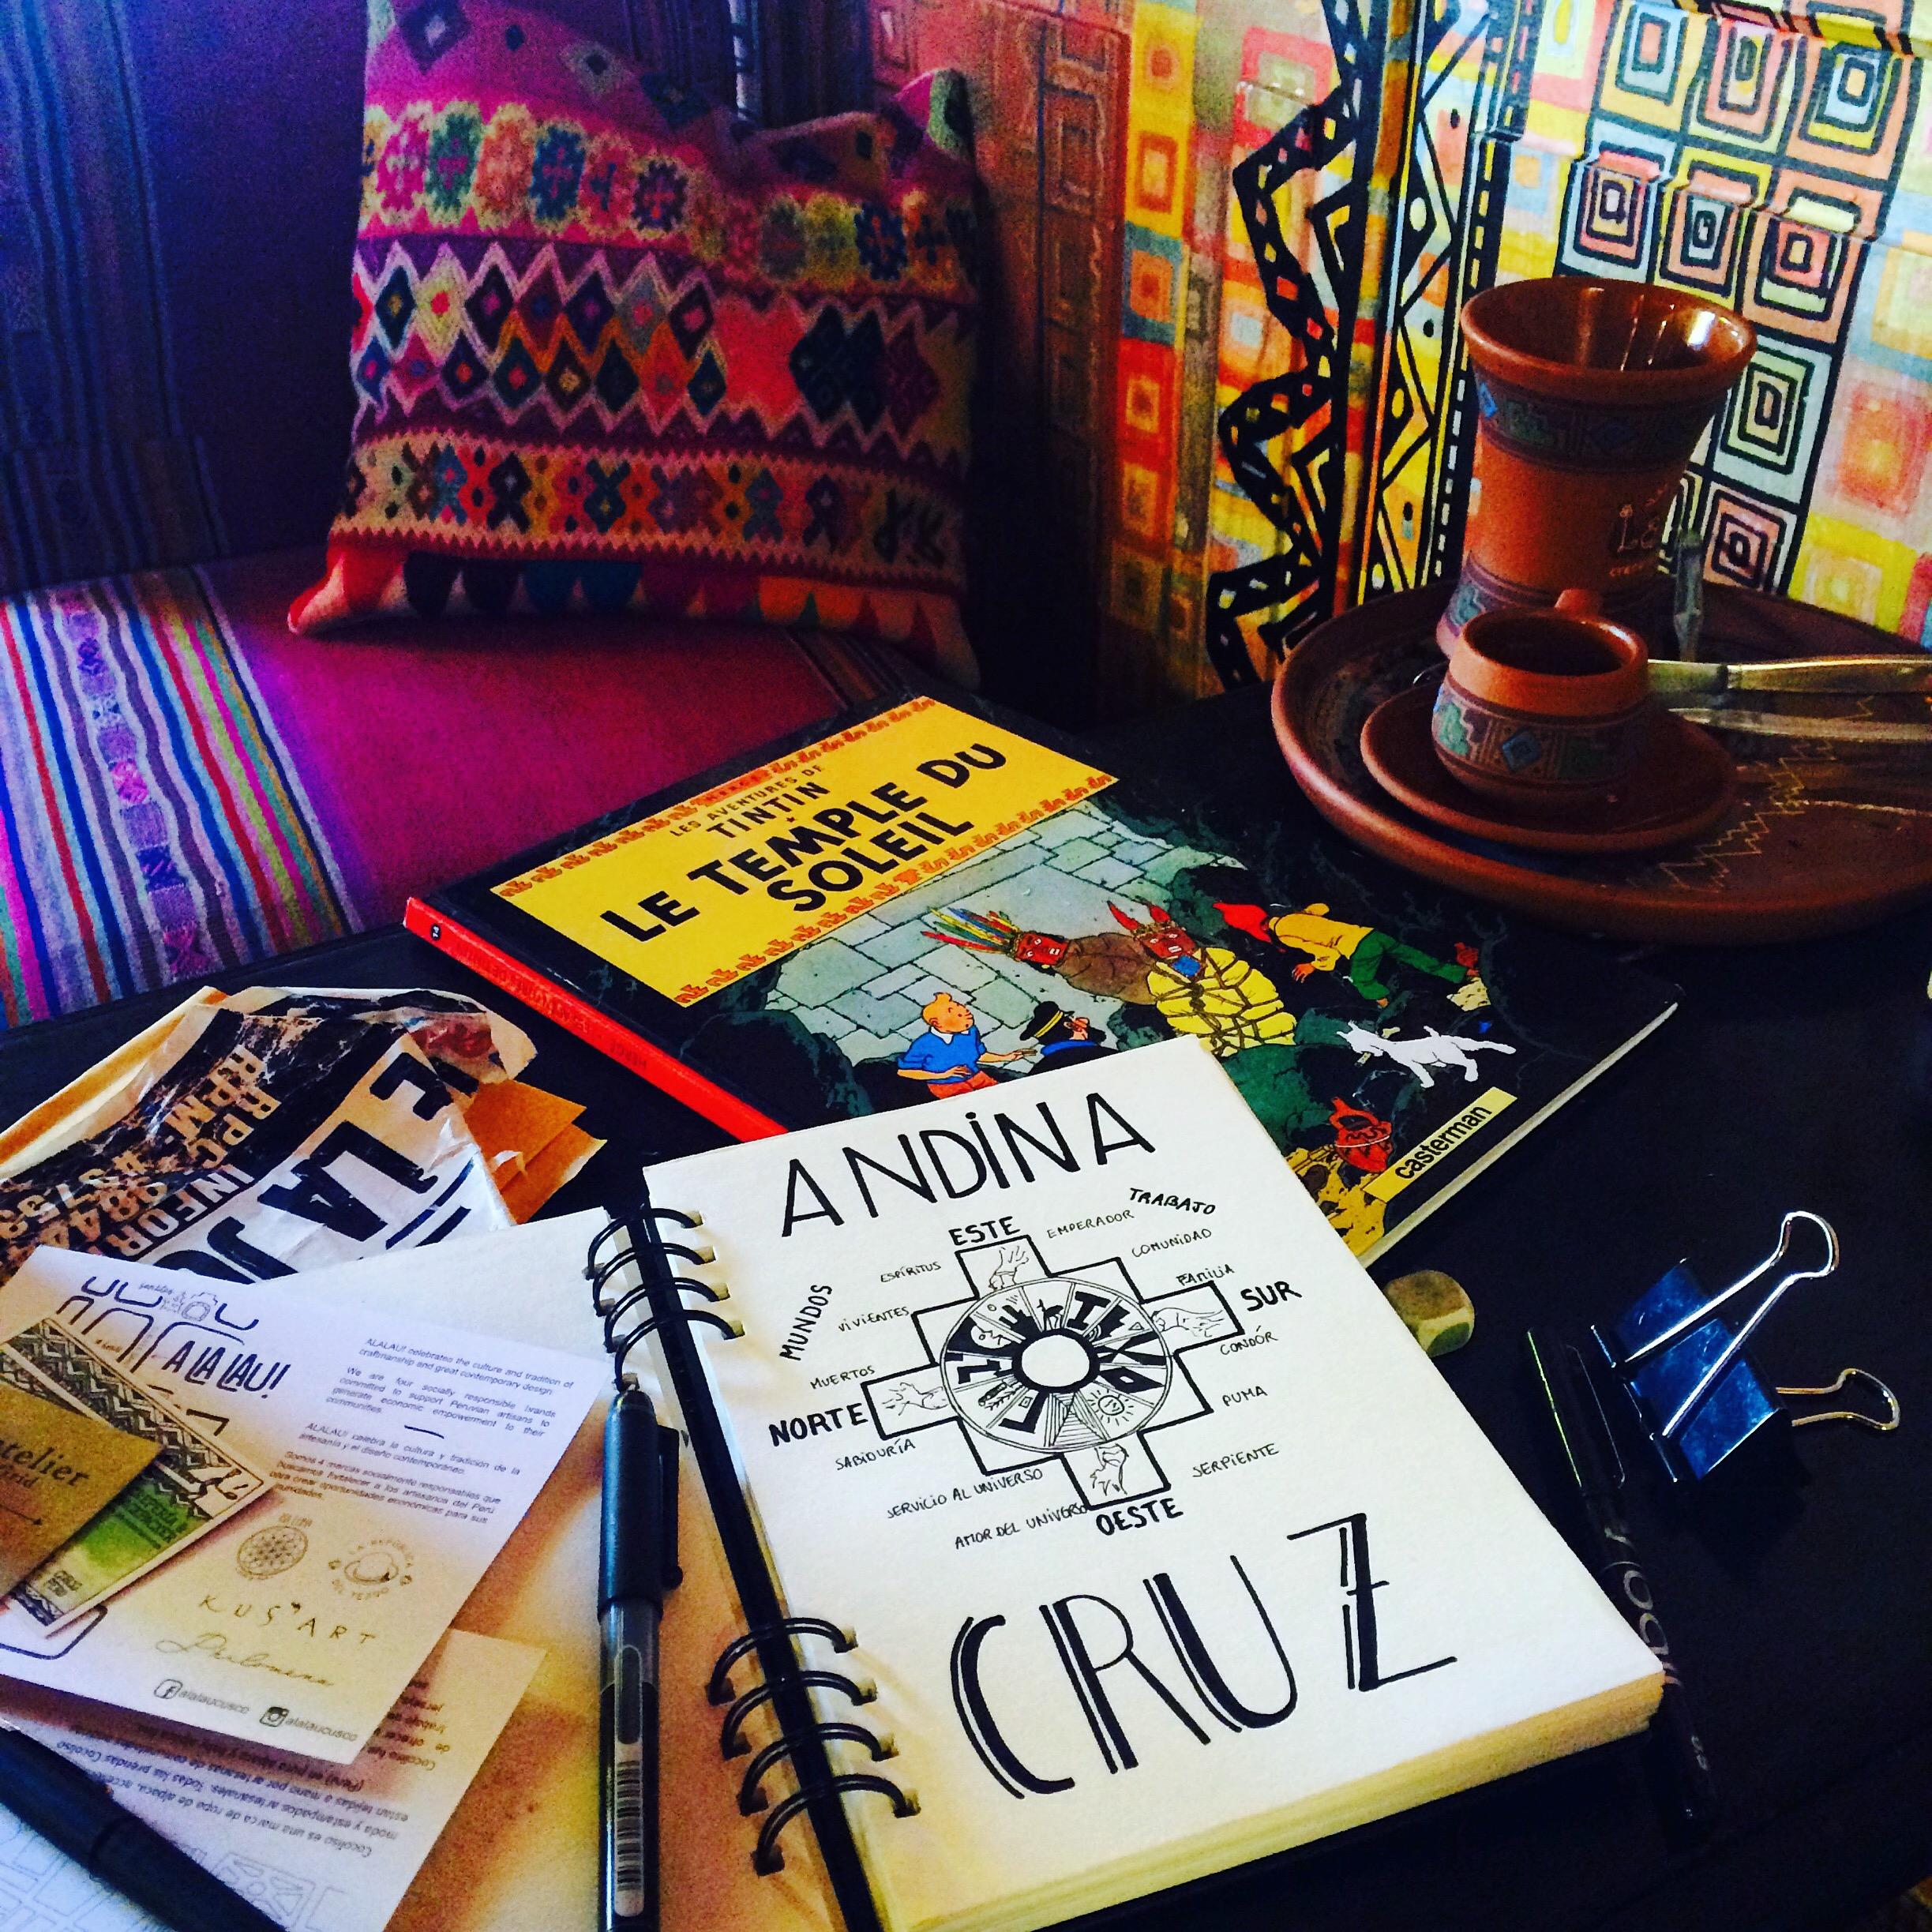 Cruz Andina